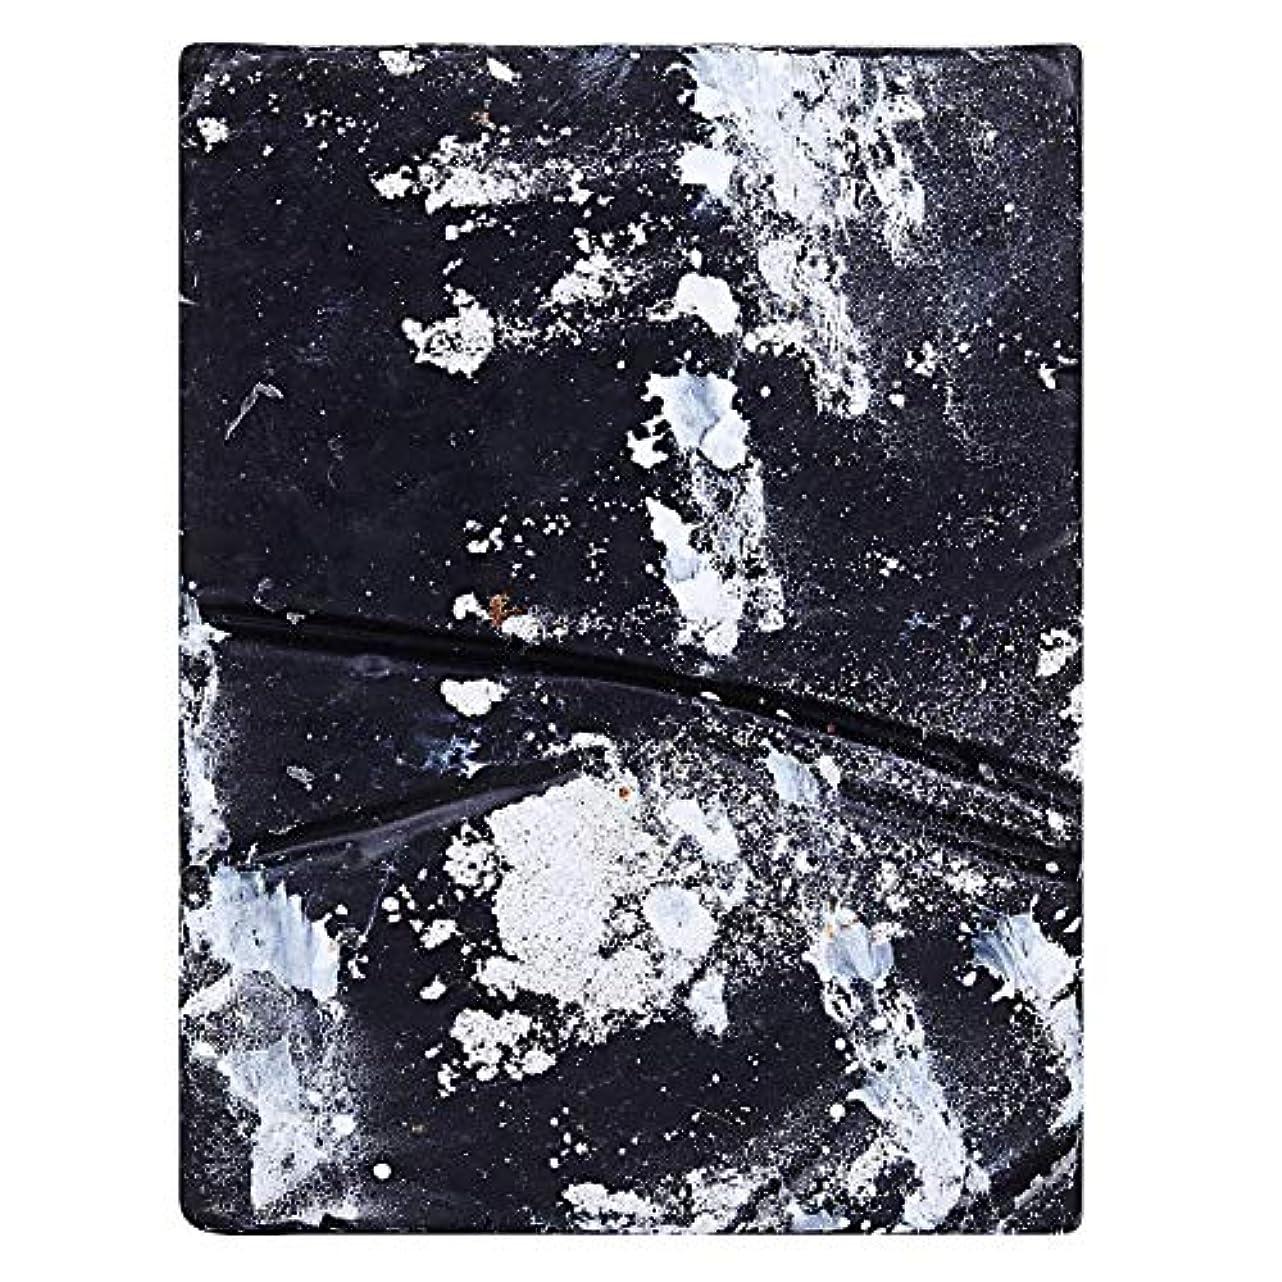 SVATV Handmade Luxury Butter Soap Charcoal Musk & Rosemary For All Skin types 100g Bar